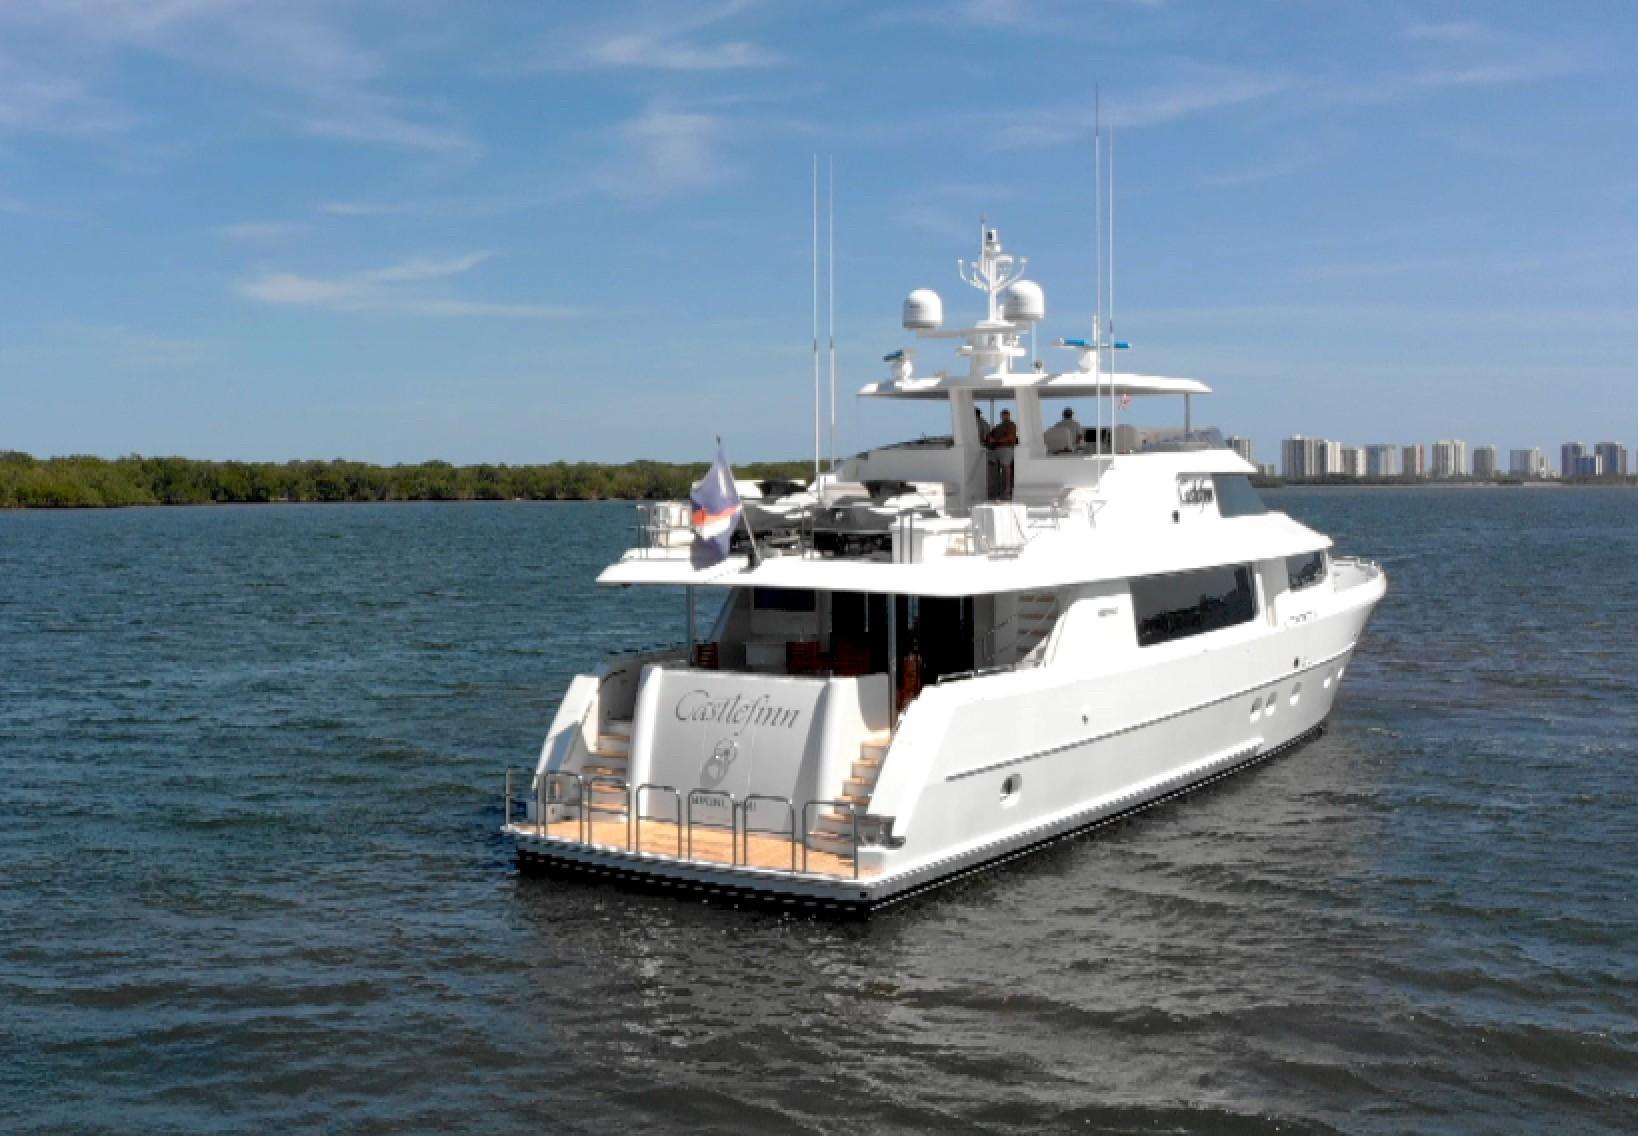 castlefinn westport 2012 westport 112 112 yacht for sale in us wall ethernet plate wiring-diagram 112 westport starboard stern